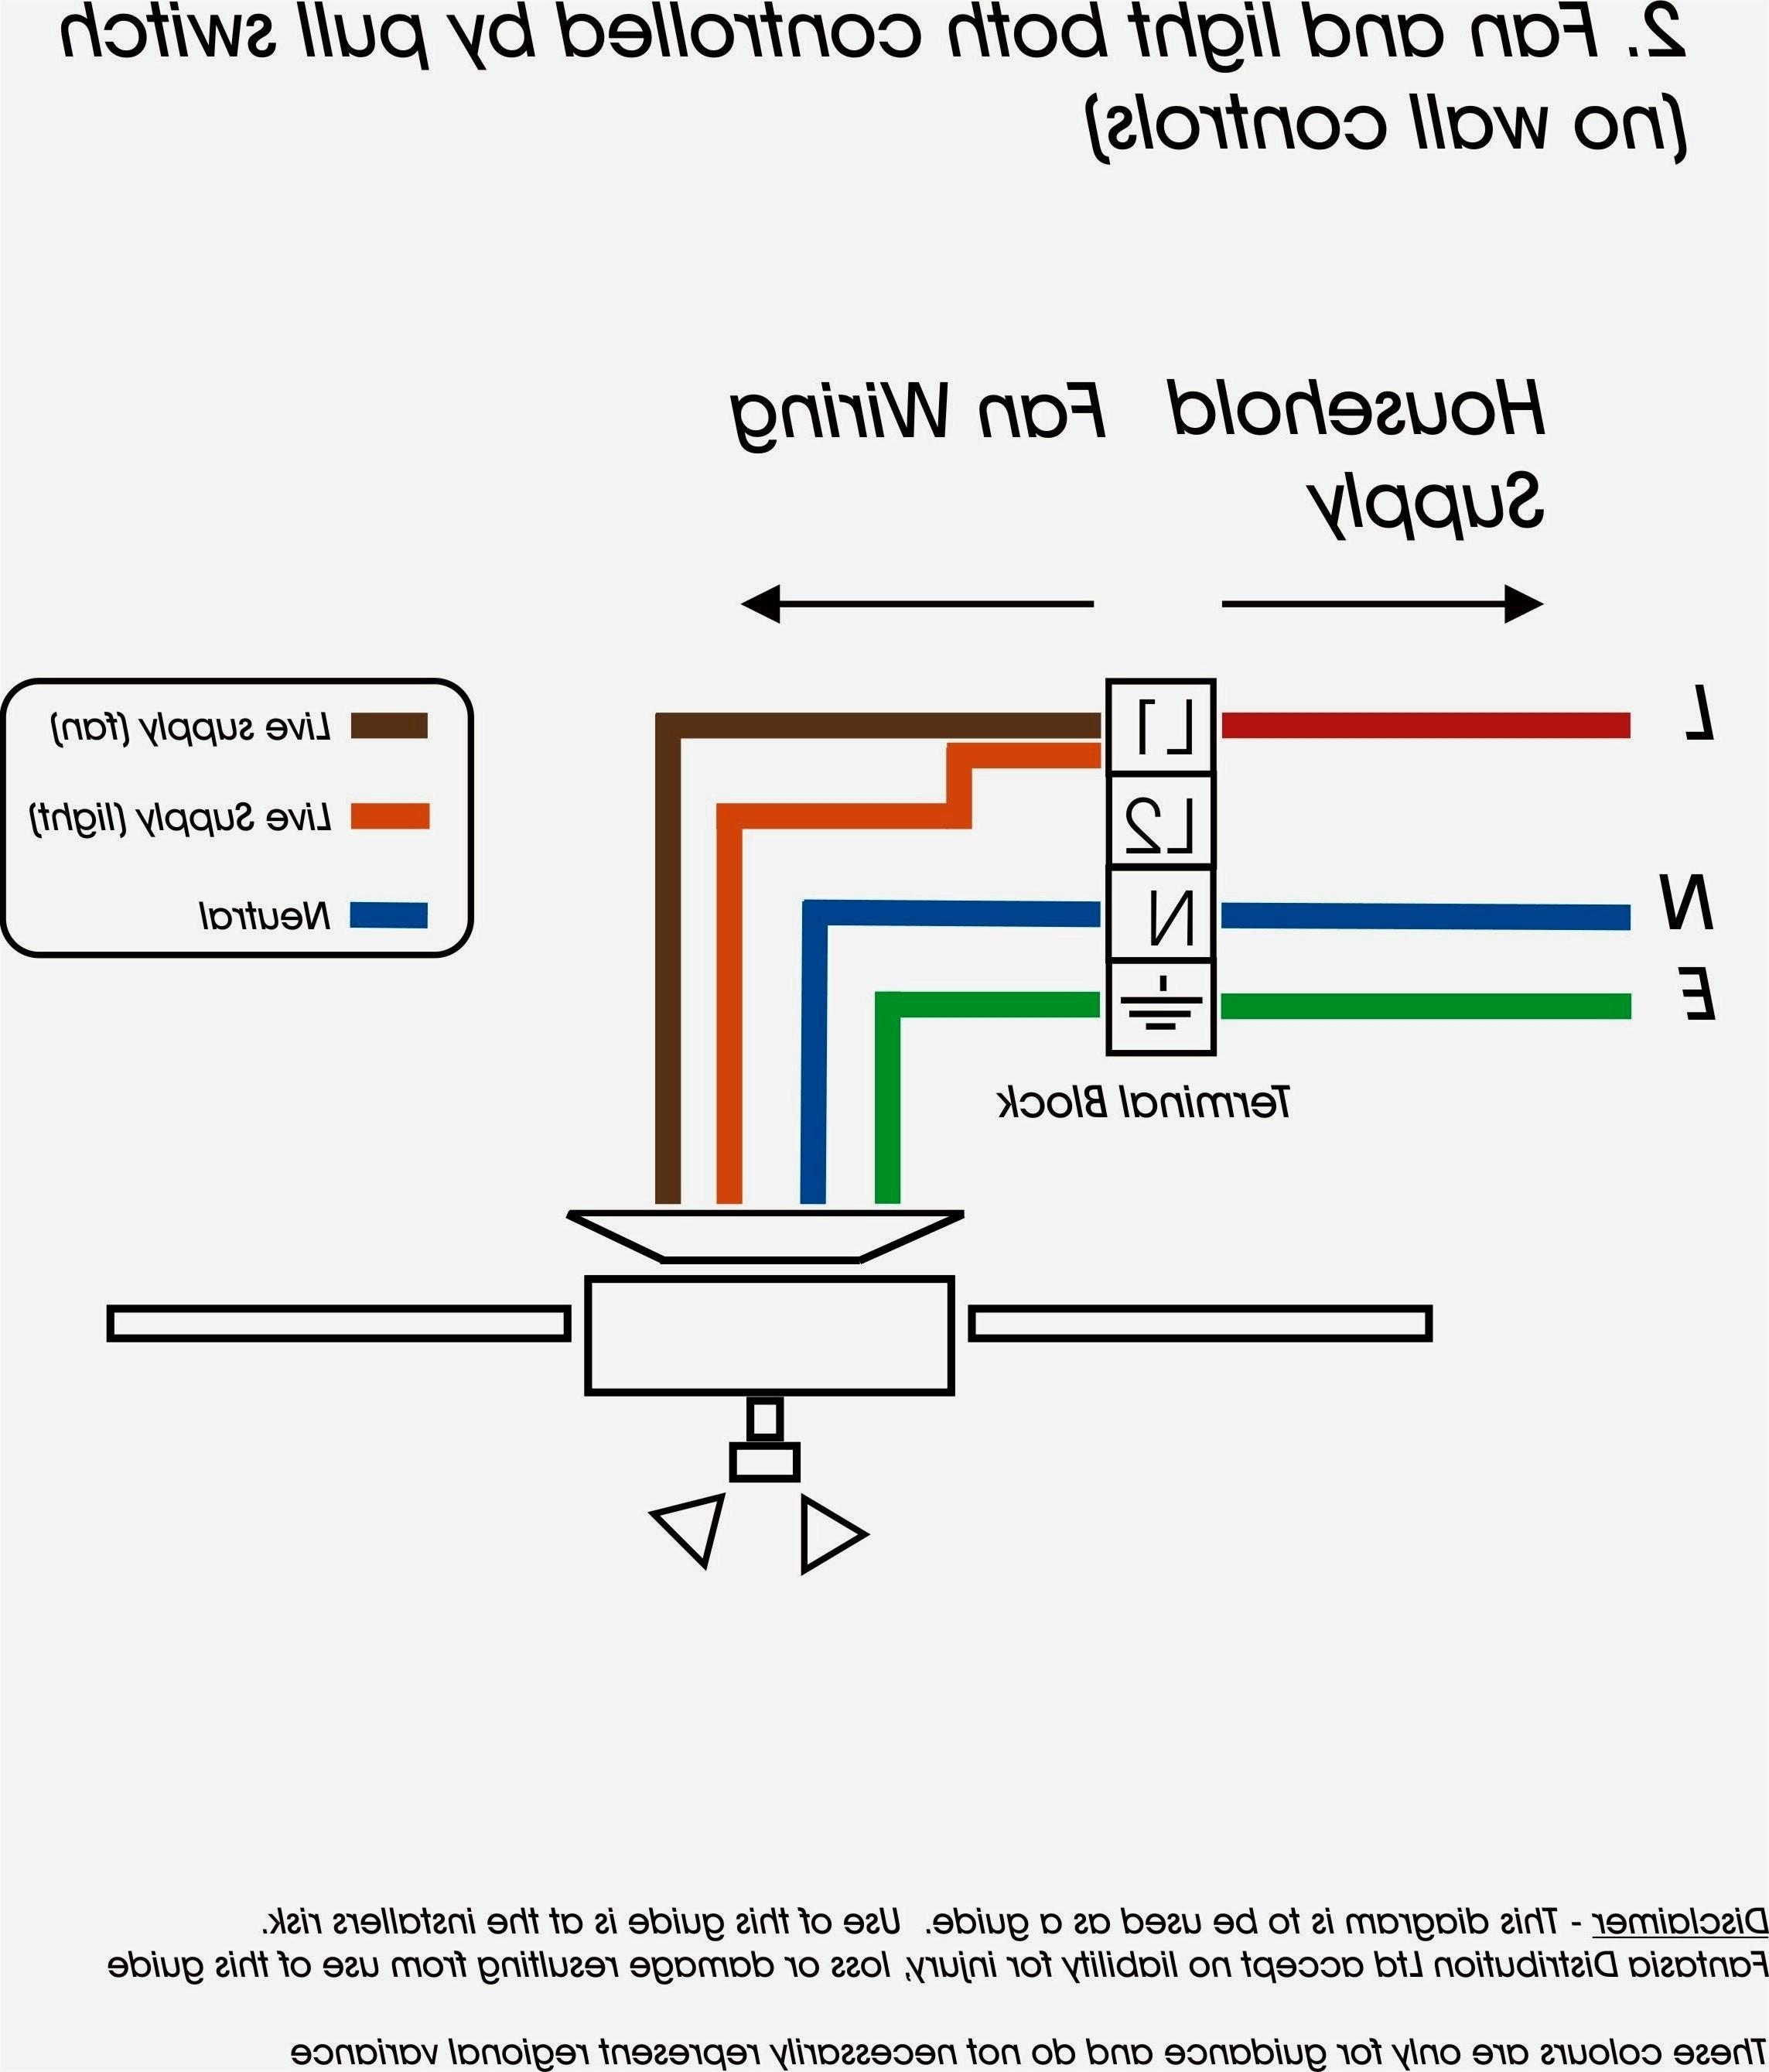 Basic Bathroom Wiring Diagram - Wiring Diagram for Bathroom Fan with Light Simple Casablanca Fan Wiring Diagram Gallery 12b